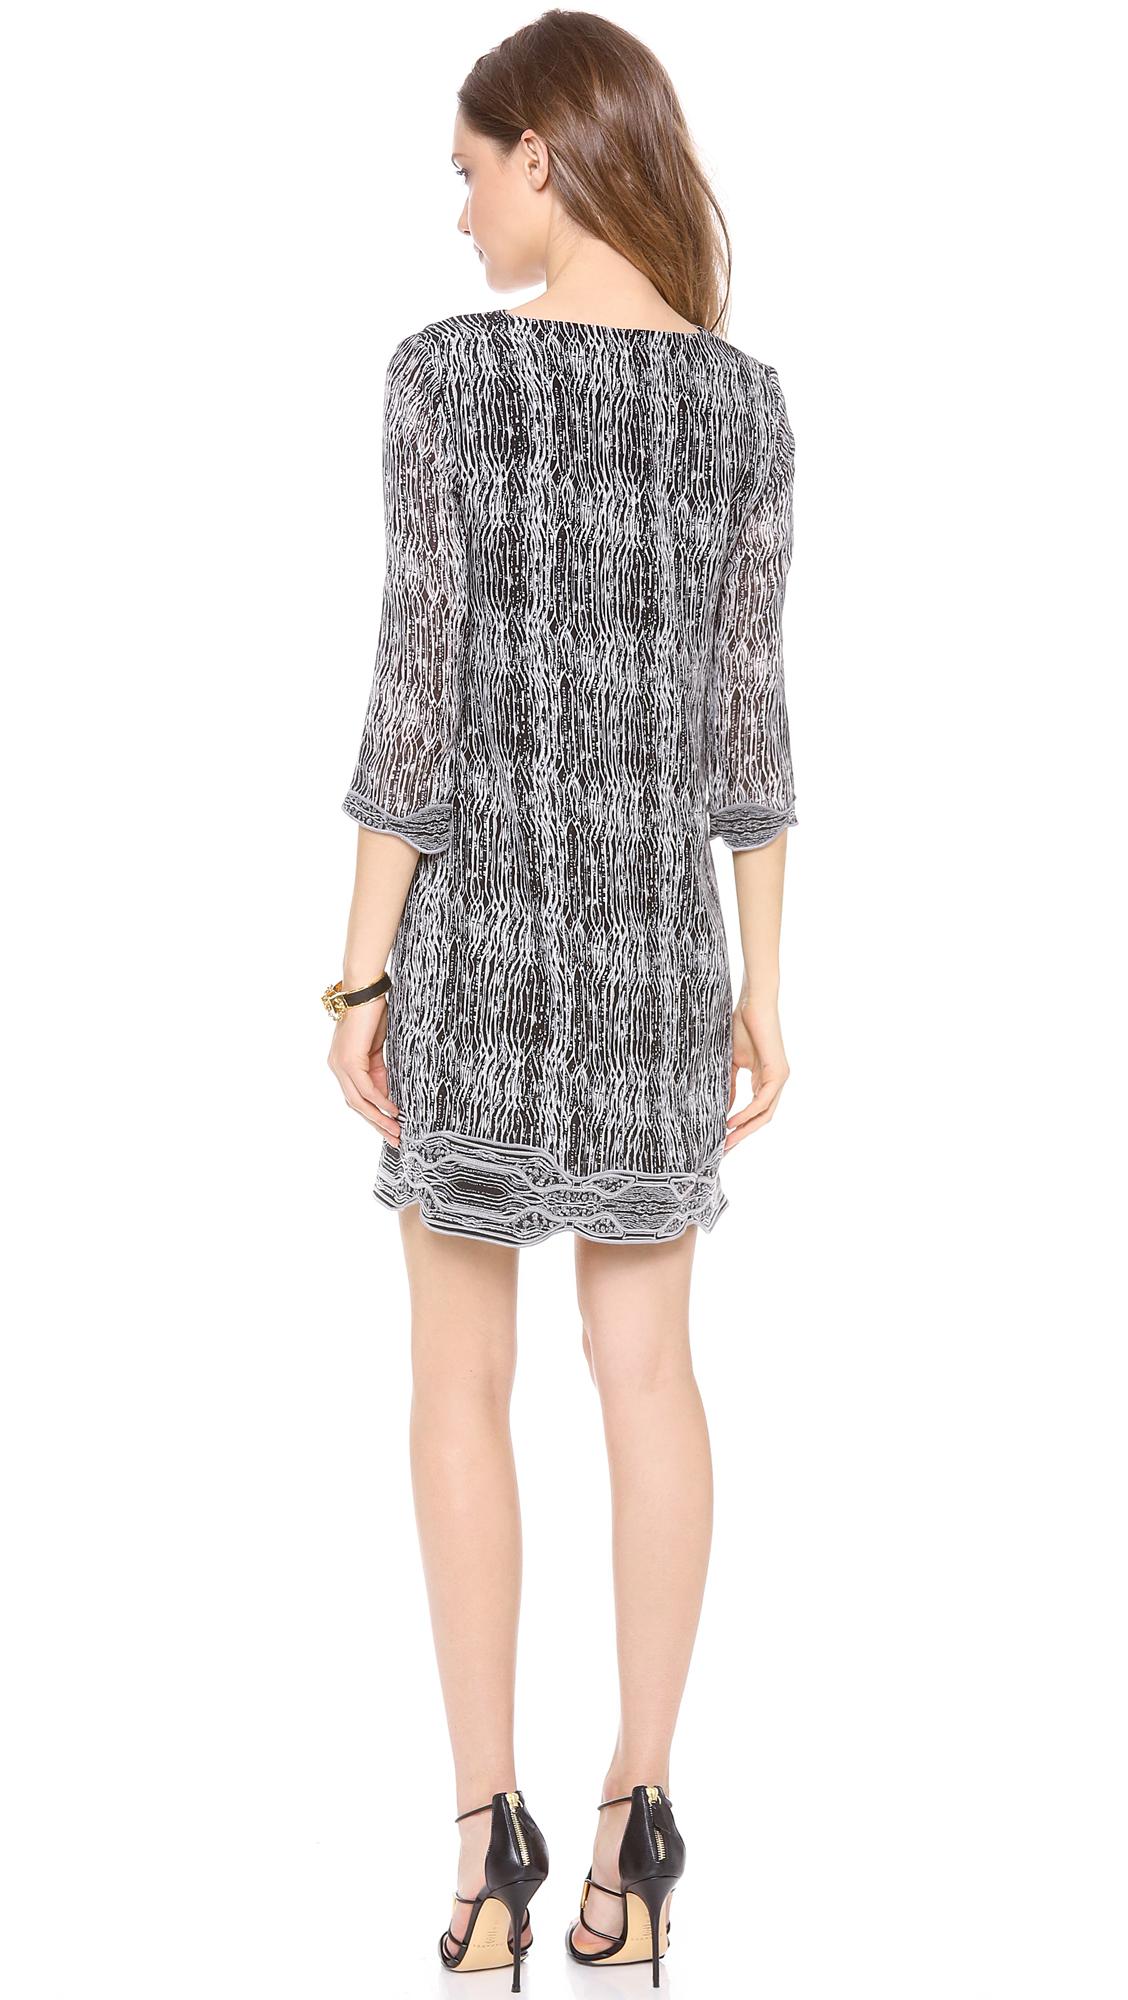 f4680391a17 Diane von Furstenberg Lexie 3/4 Sleeve Tunic Dress | SHOPBOP